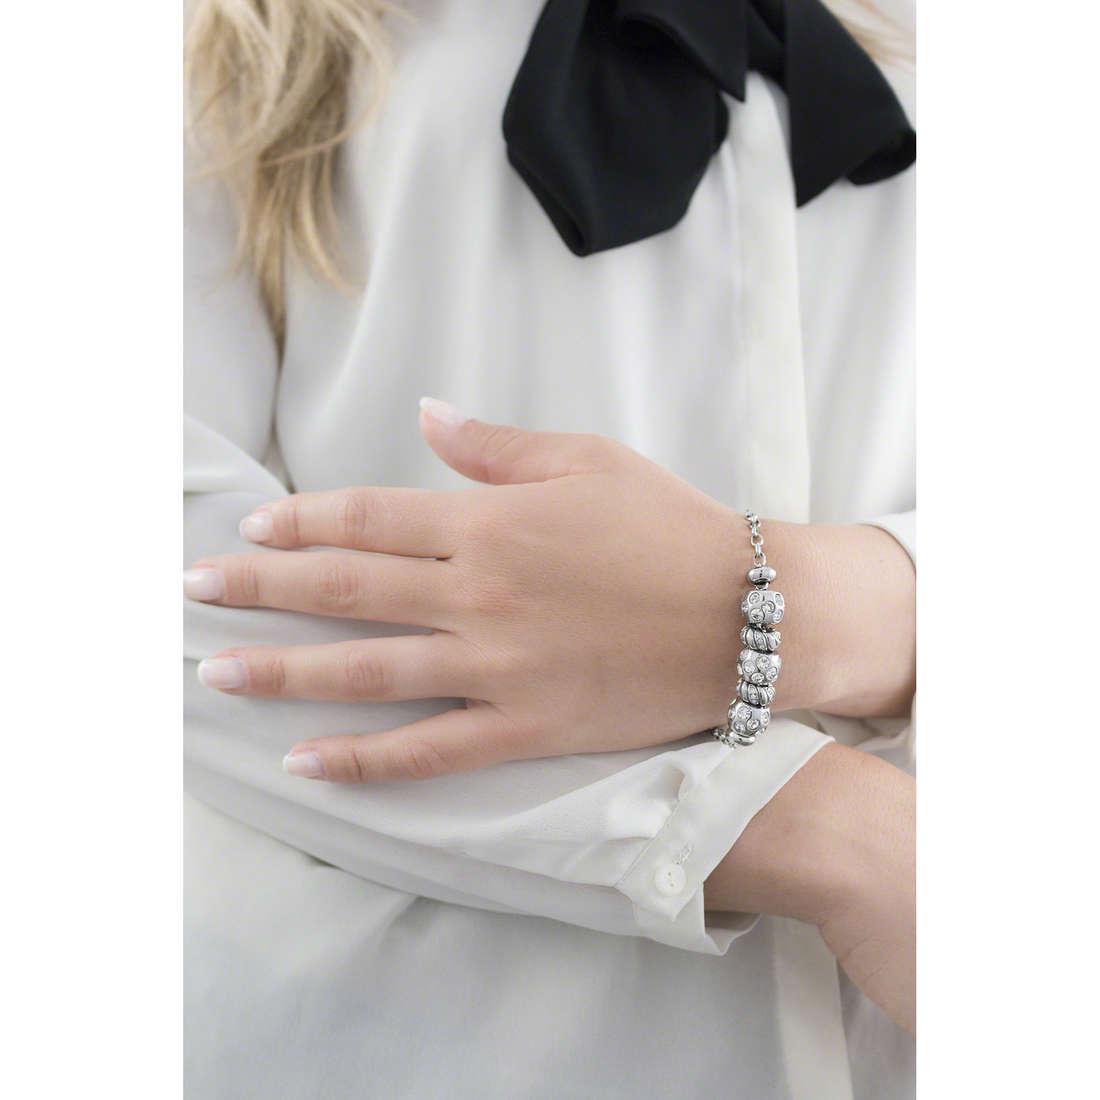 Morellato bracciali Drops donna SCZ157 indosso